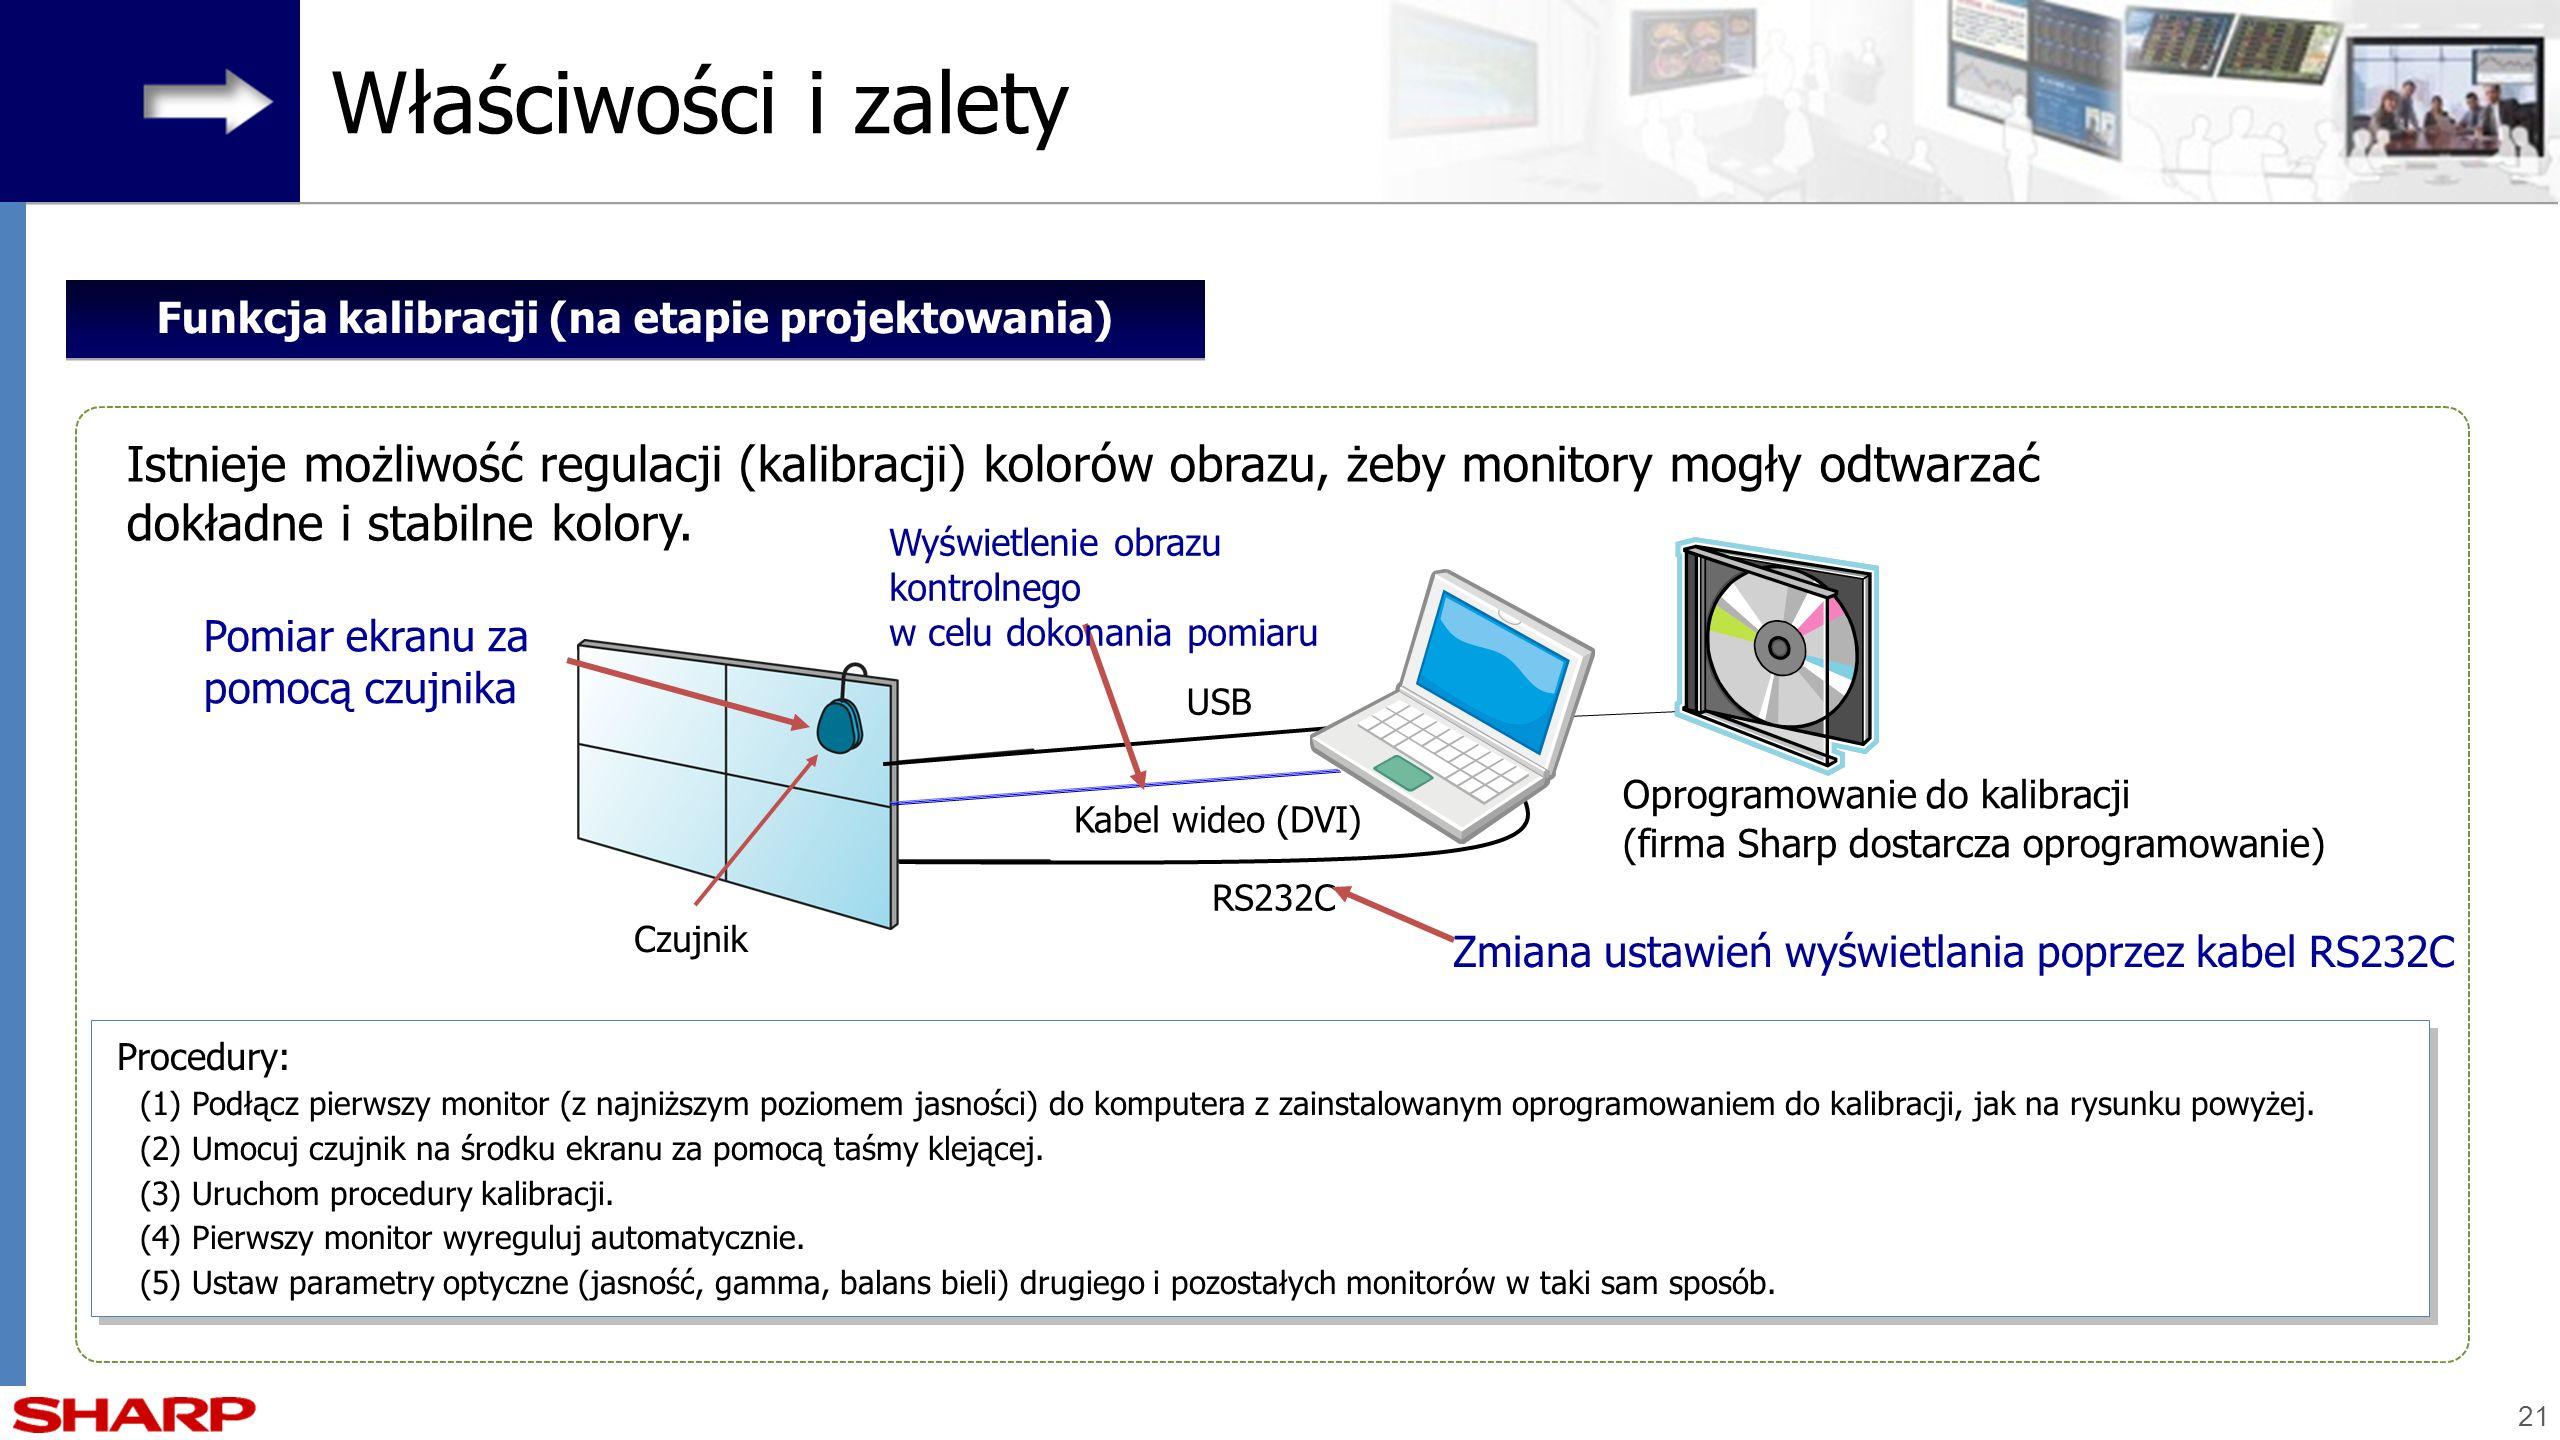 Funkcja kalibracji (na etapie projektowania)